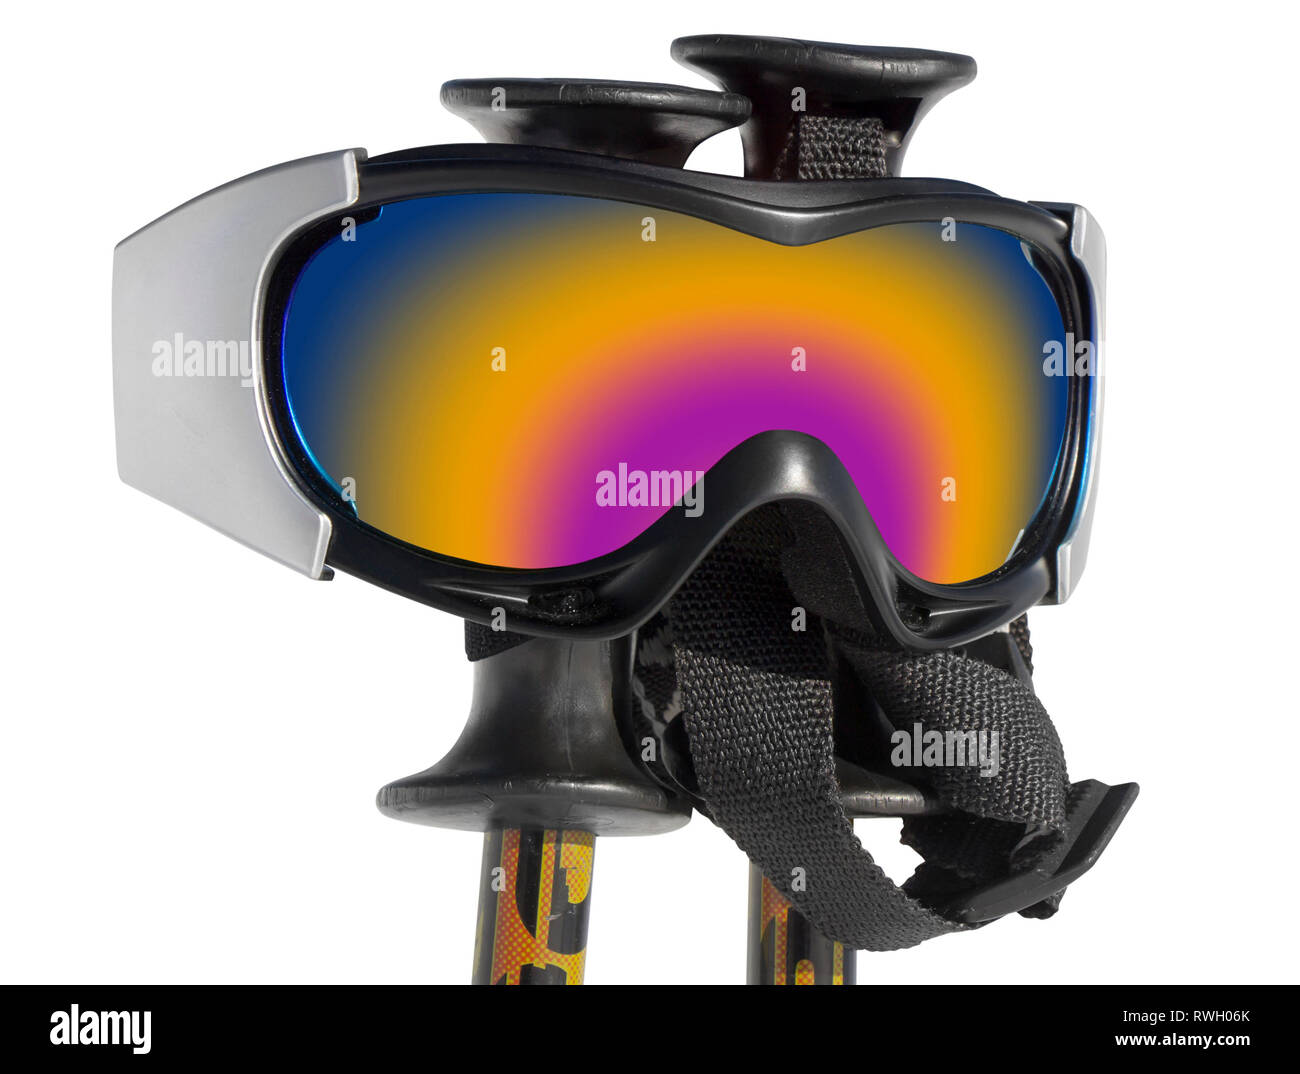 In prossimità delle maschere da sci su bastoni da sci isolato su bianco backgraund Immagini Stock